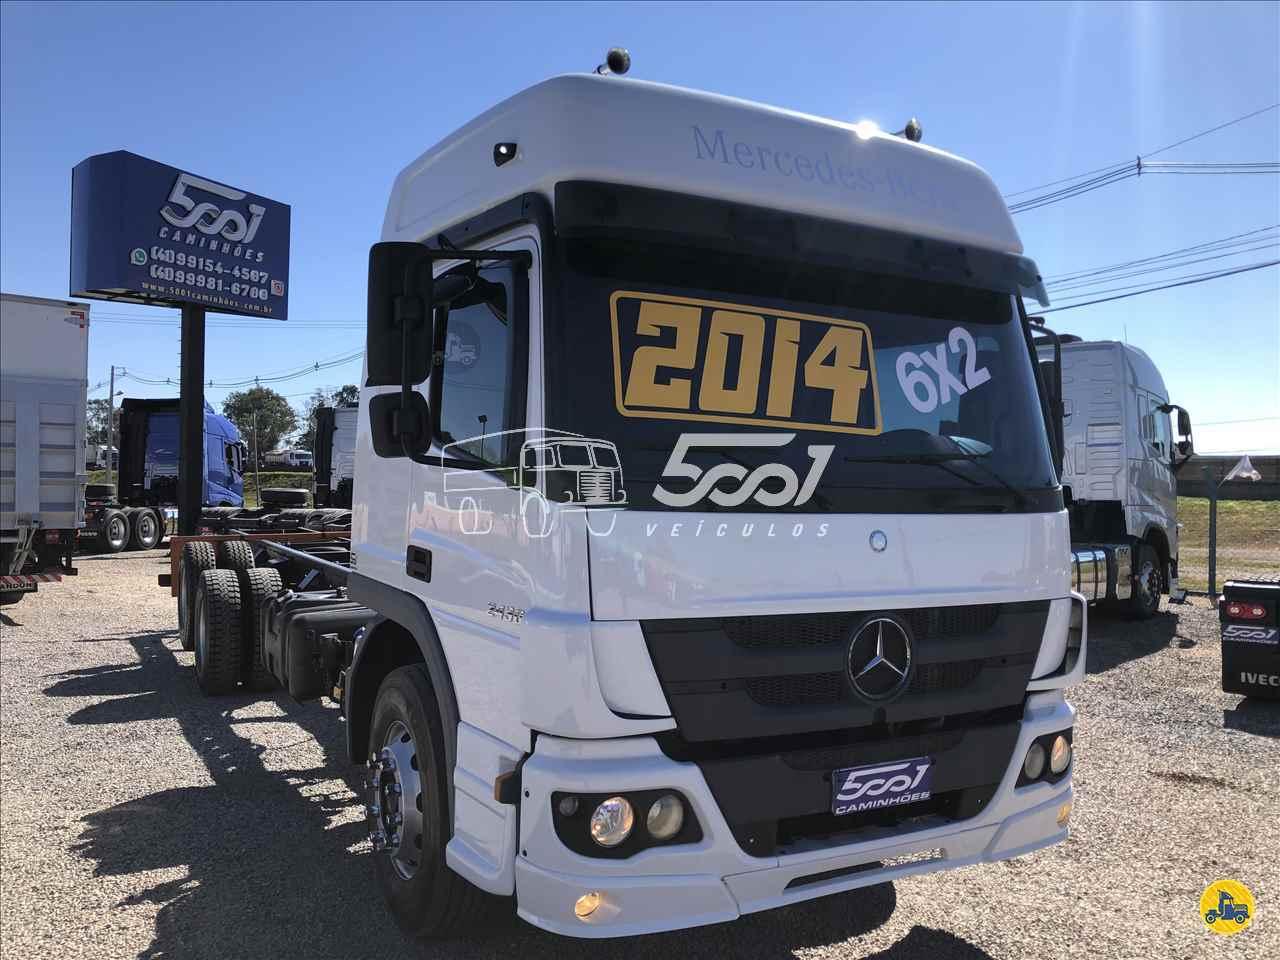 CAMINHAO MERCEDES-BENZ MB 2430 Cavalo Mecânico Truck 6x2 5001 Veículos - São José dos Pinhais SAO JOSE DOS PINHAIS PARANÁ PR